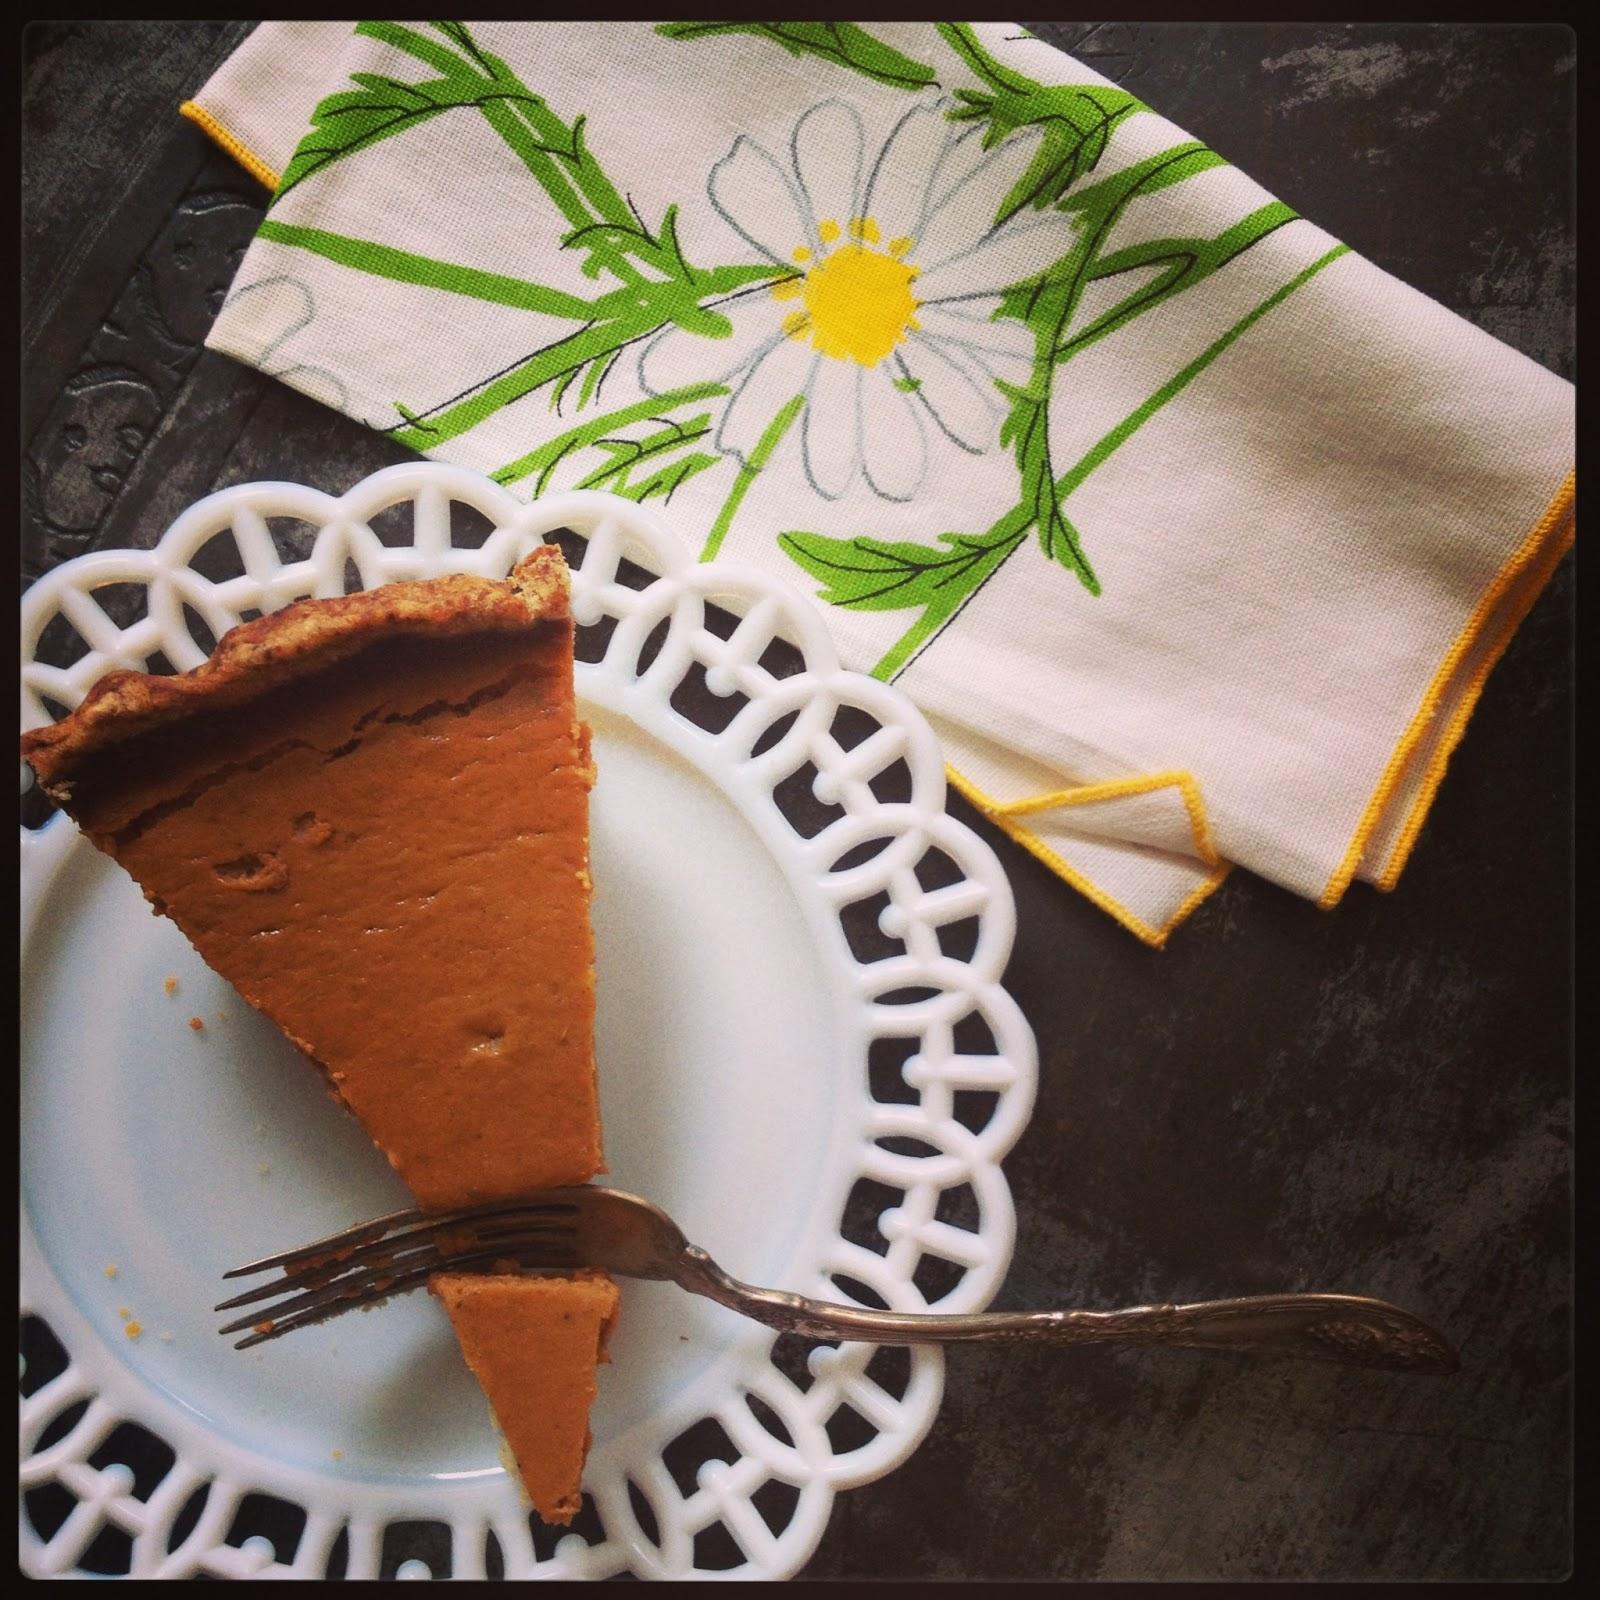 Ina Garten Pumpkin Pie foodrefuge: a little lighter: ina garten's ultimate pumpkin pie